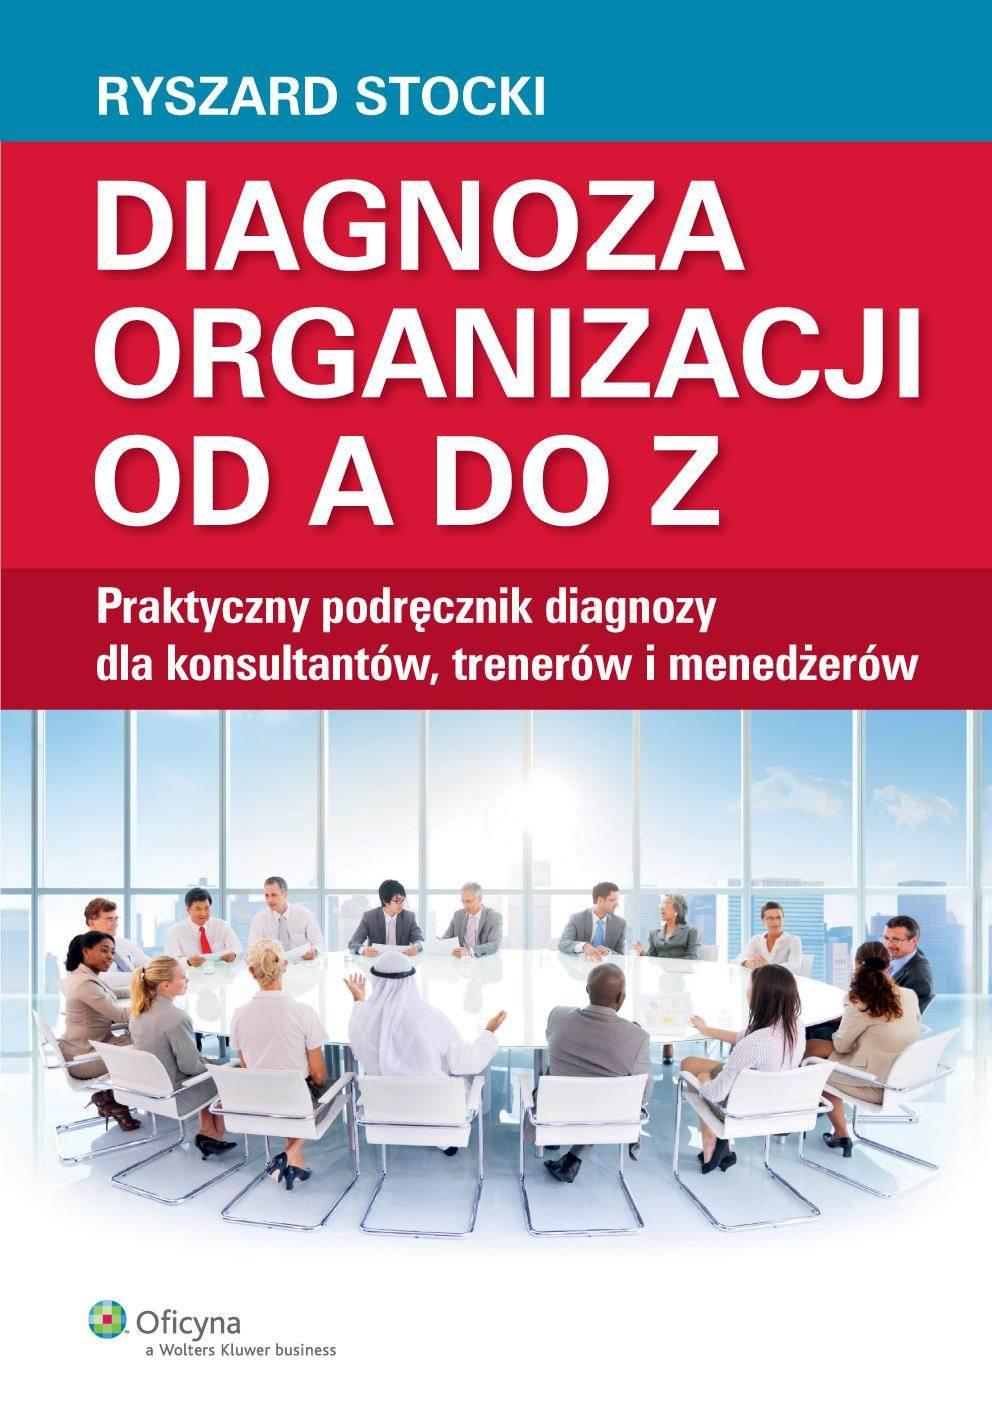 Diagnoza organizacji od A do Z. Praktyczny podręcznik diagnozy dla konsultantów, trenerów i menedżerów - Ebook (Książka PDF) do pobrania w formacie PDF